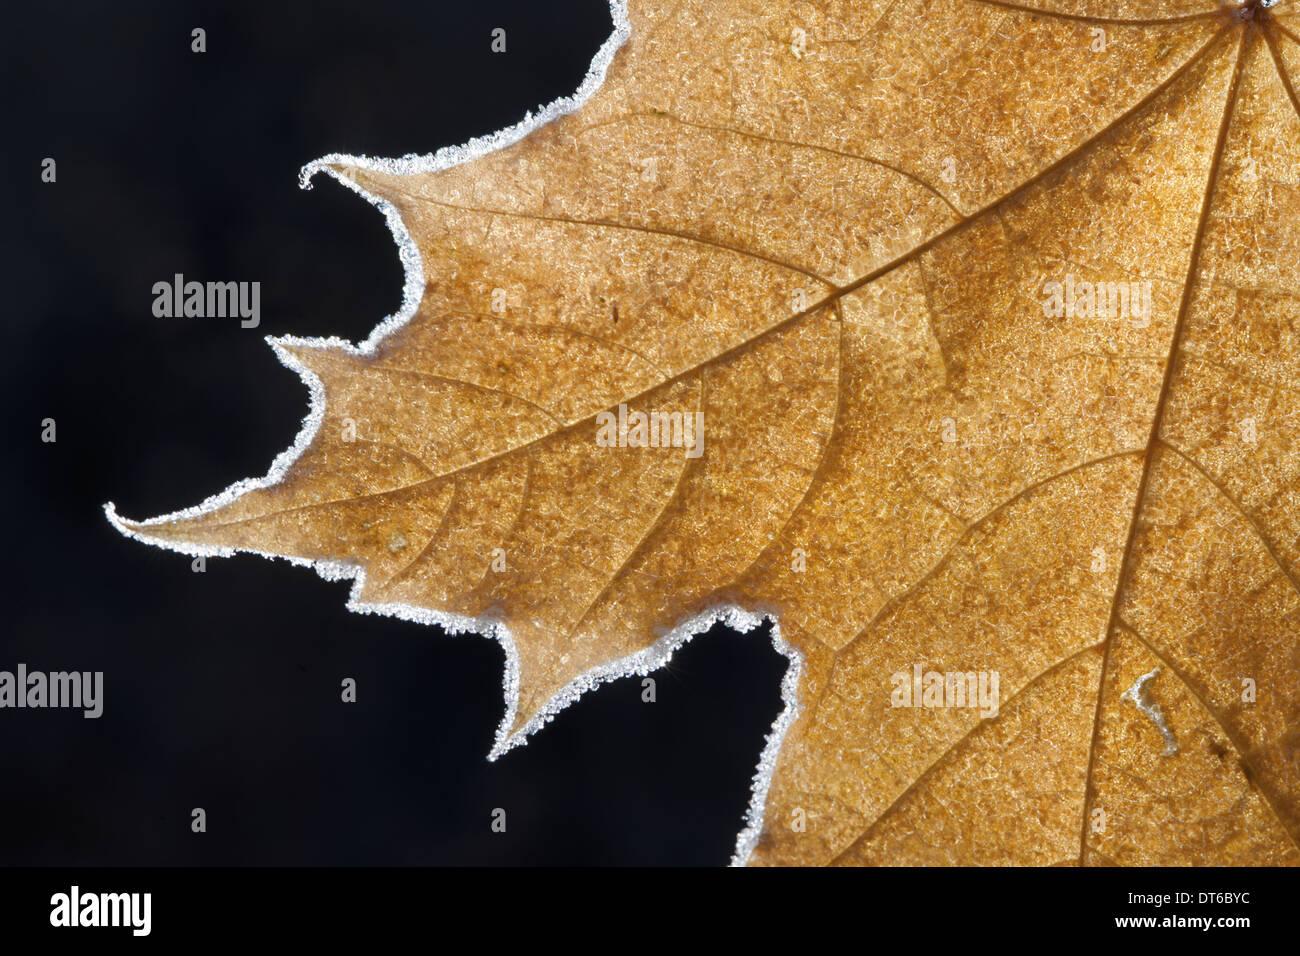 Parte di un satinato marrone Foglia di acero con nervature centrali e distintivo di contorno. Immagini Stock